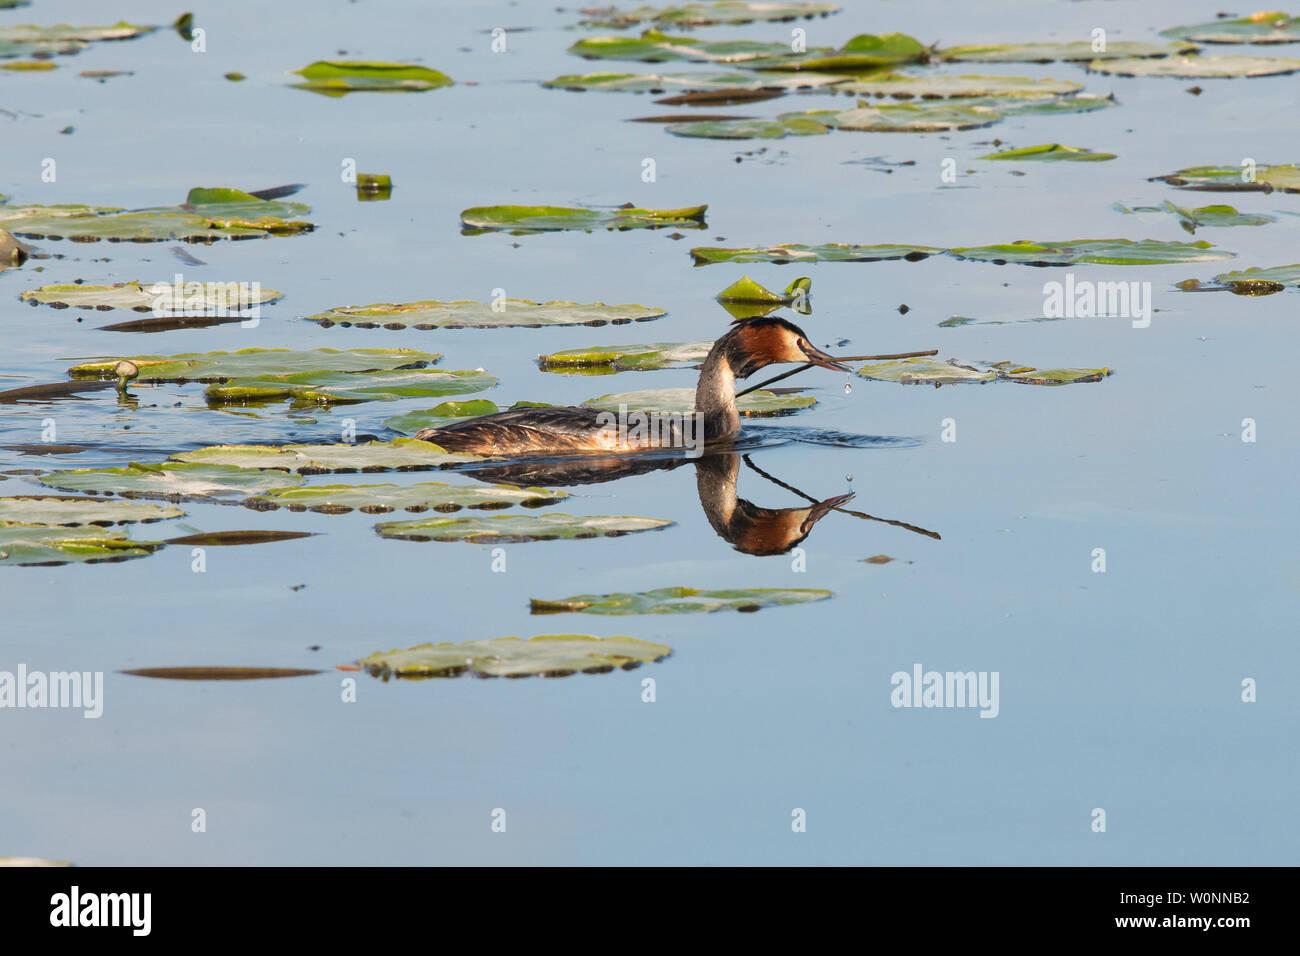 Grèbe huppé - Podiceps cristatus - ramassage de roseaux comme matériel de nidification, Rockland Large, Norfolk, England, UK Photo Stock